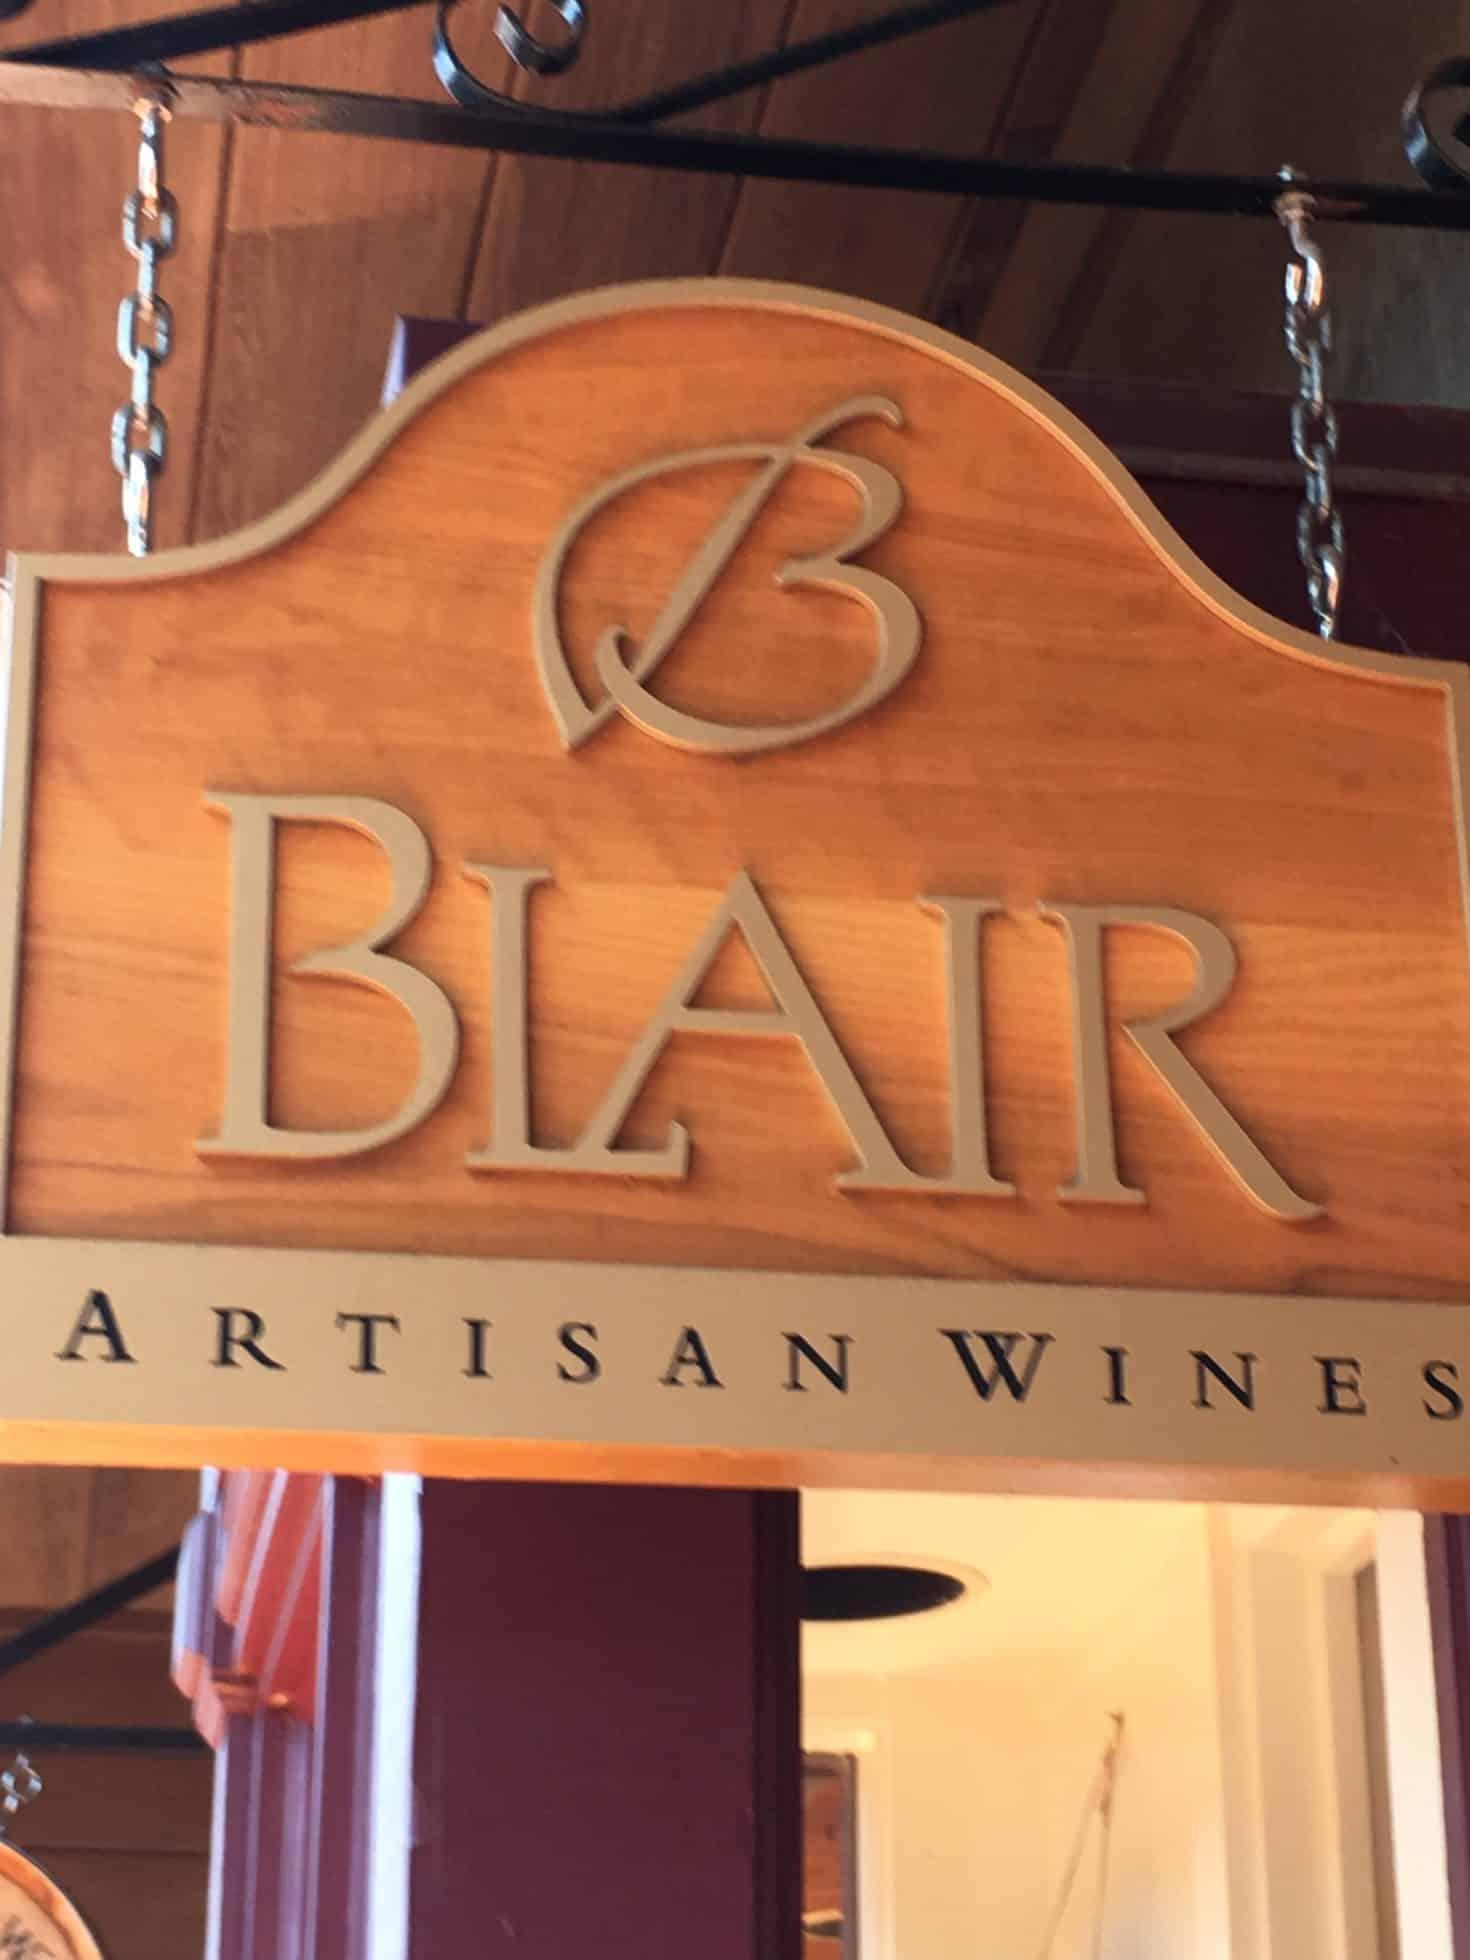 BLAIR ESTATE ARTISAN WINES